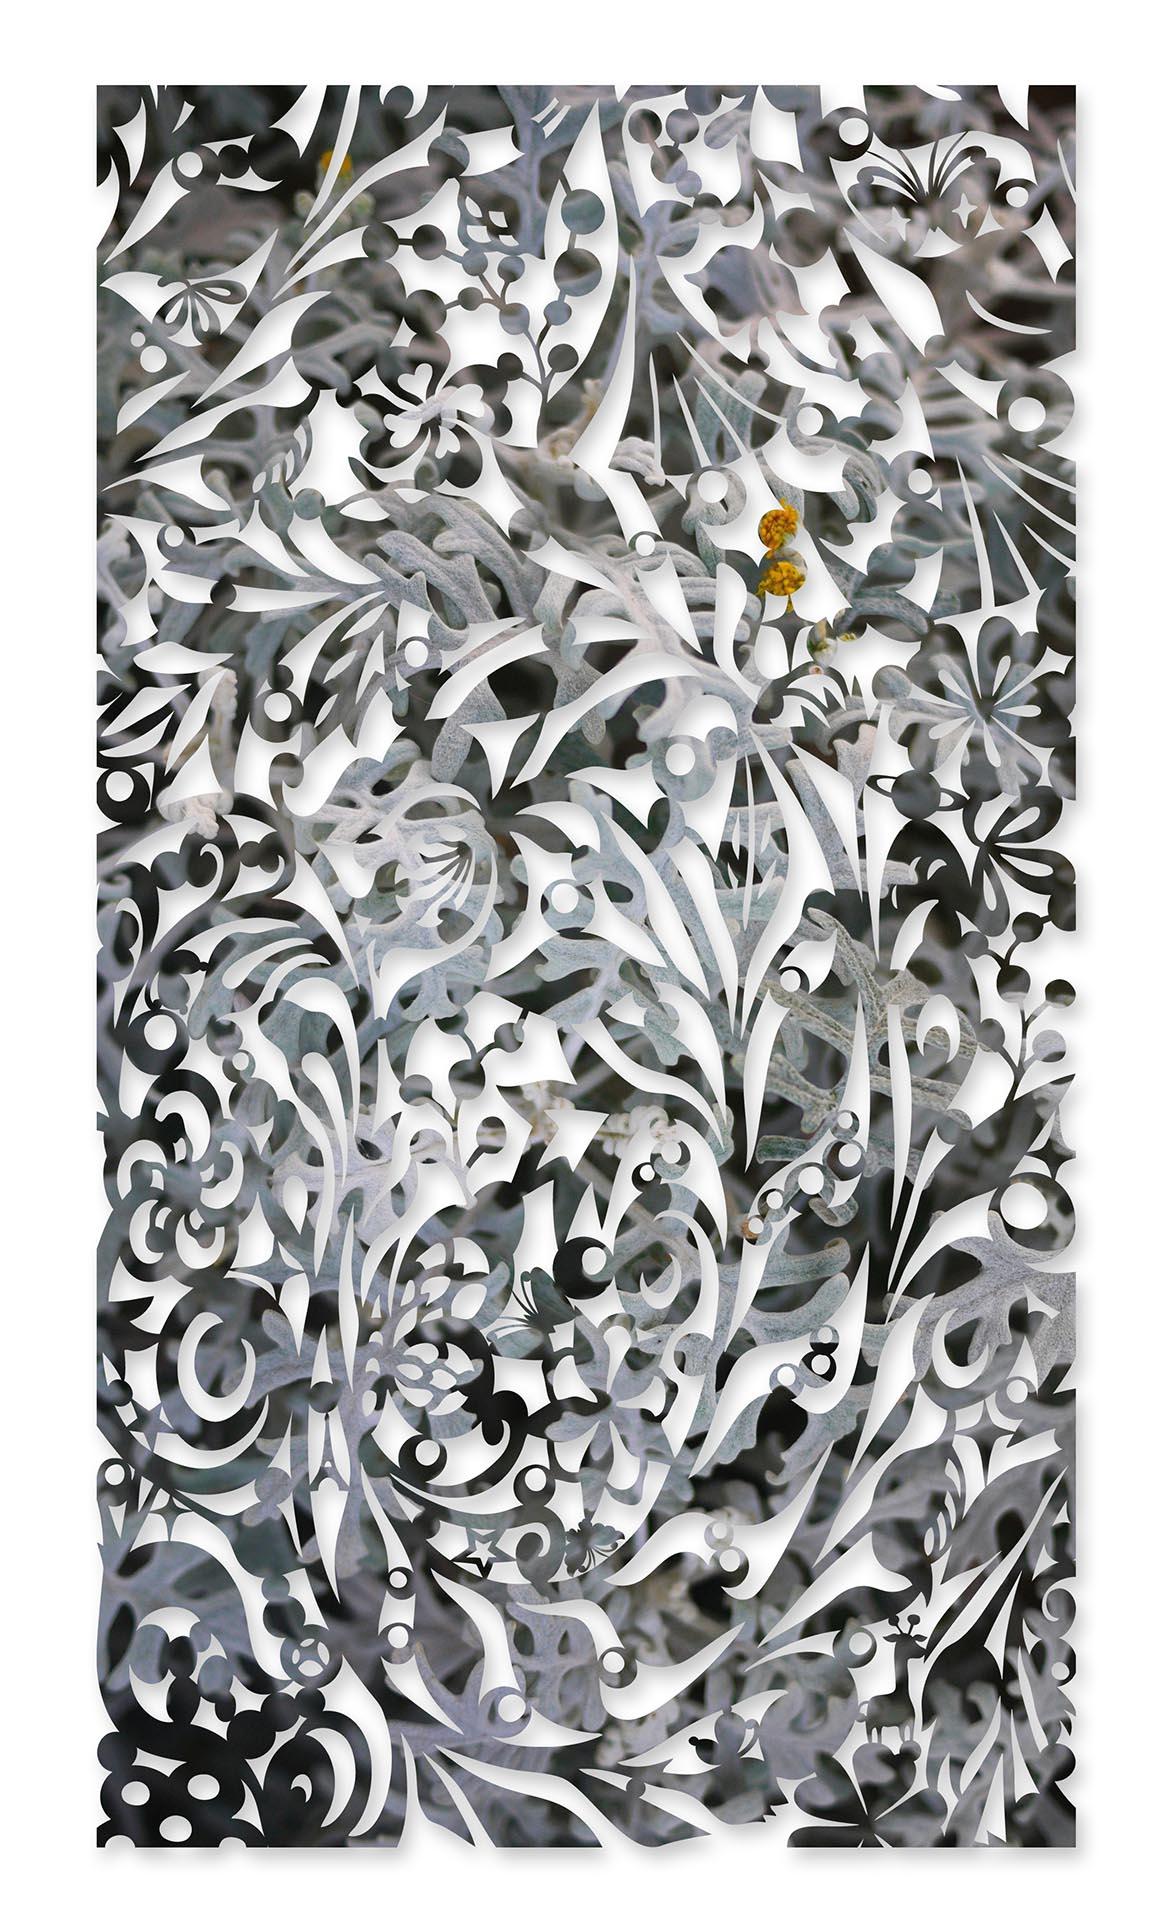 影像剪纸系列 - 雪凝如布 100x180cm 宣影布输出